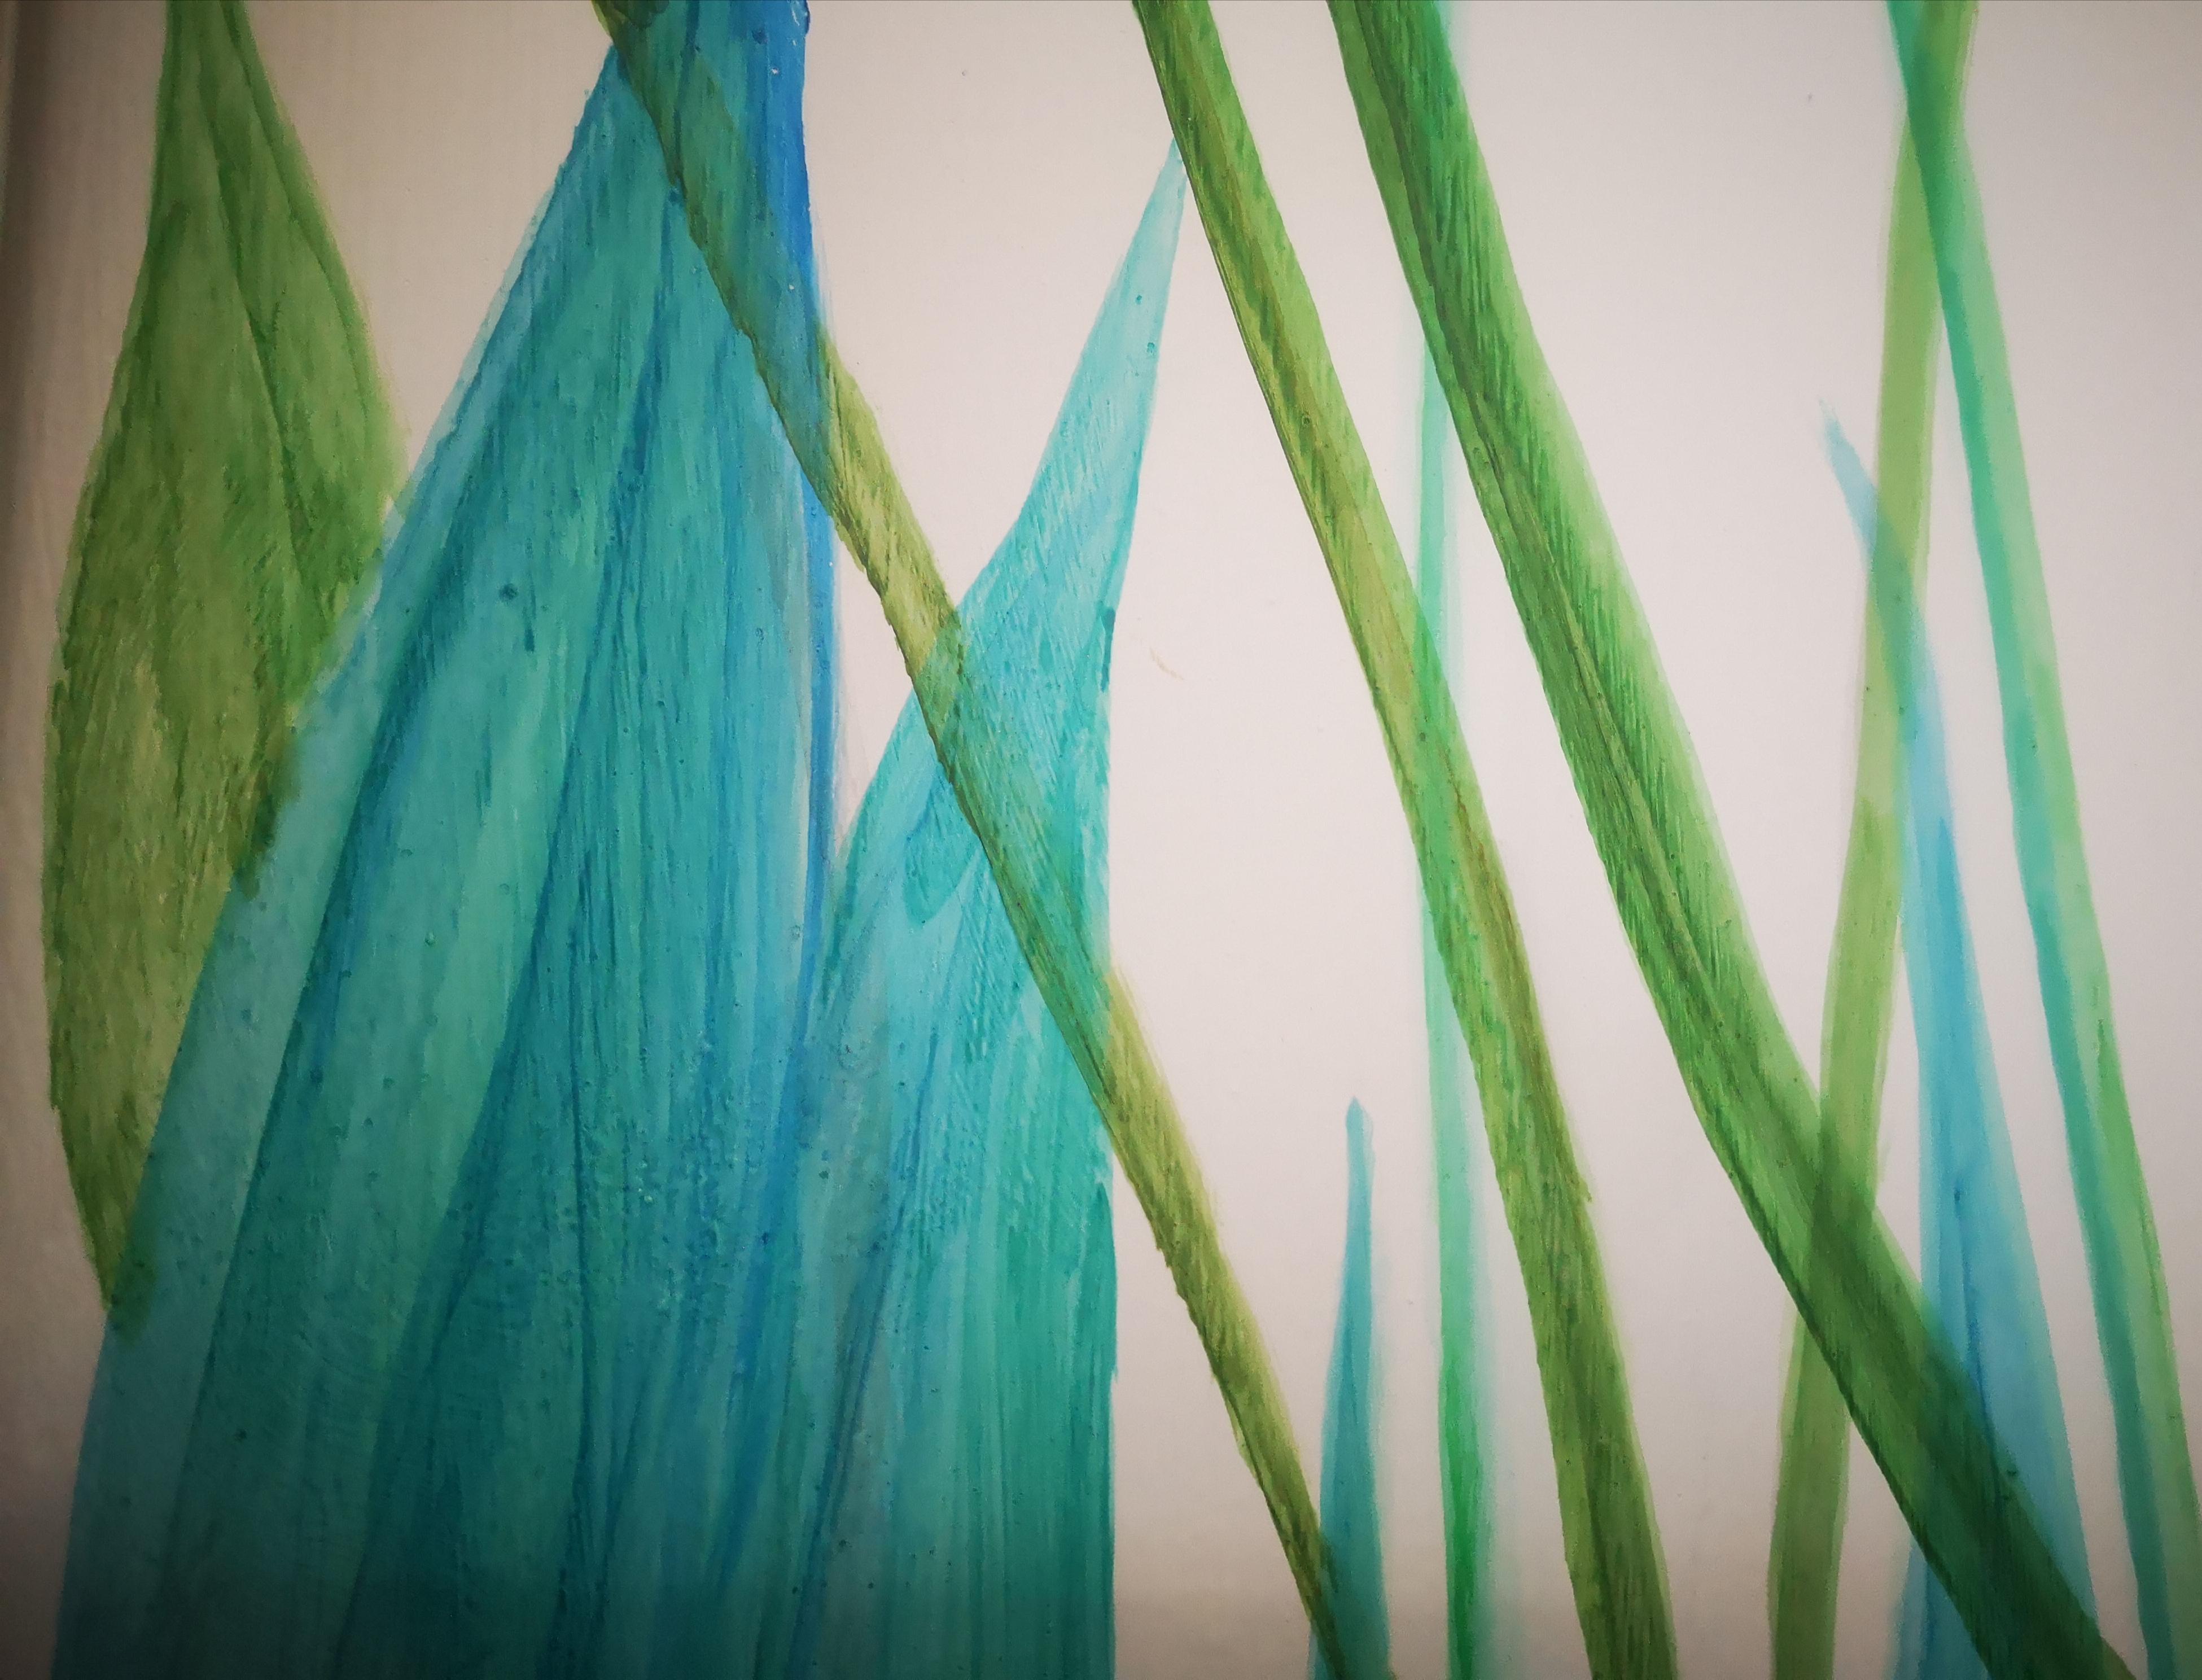 Variedad de colores y veladuras presentes en el mural tropical pintado a mano con pintura acrílica (CreativeSalo)